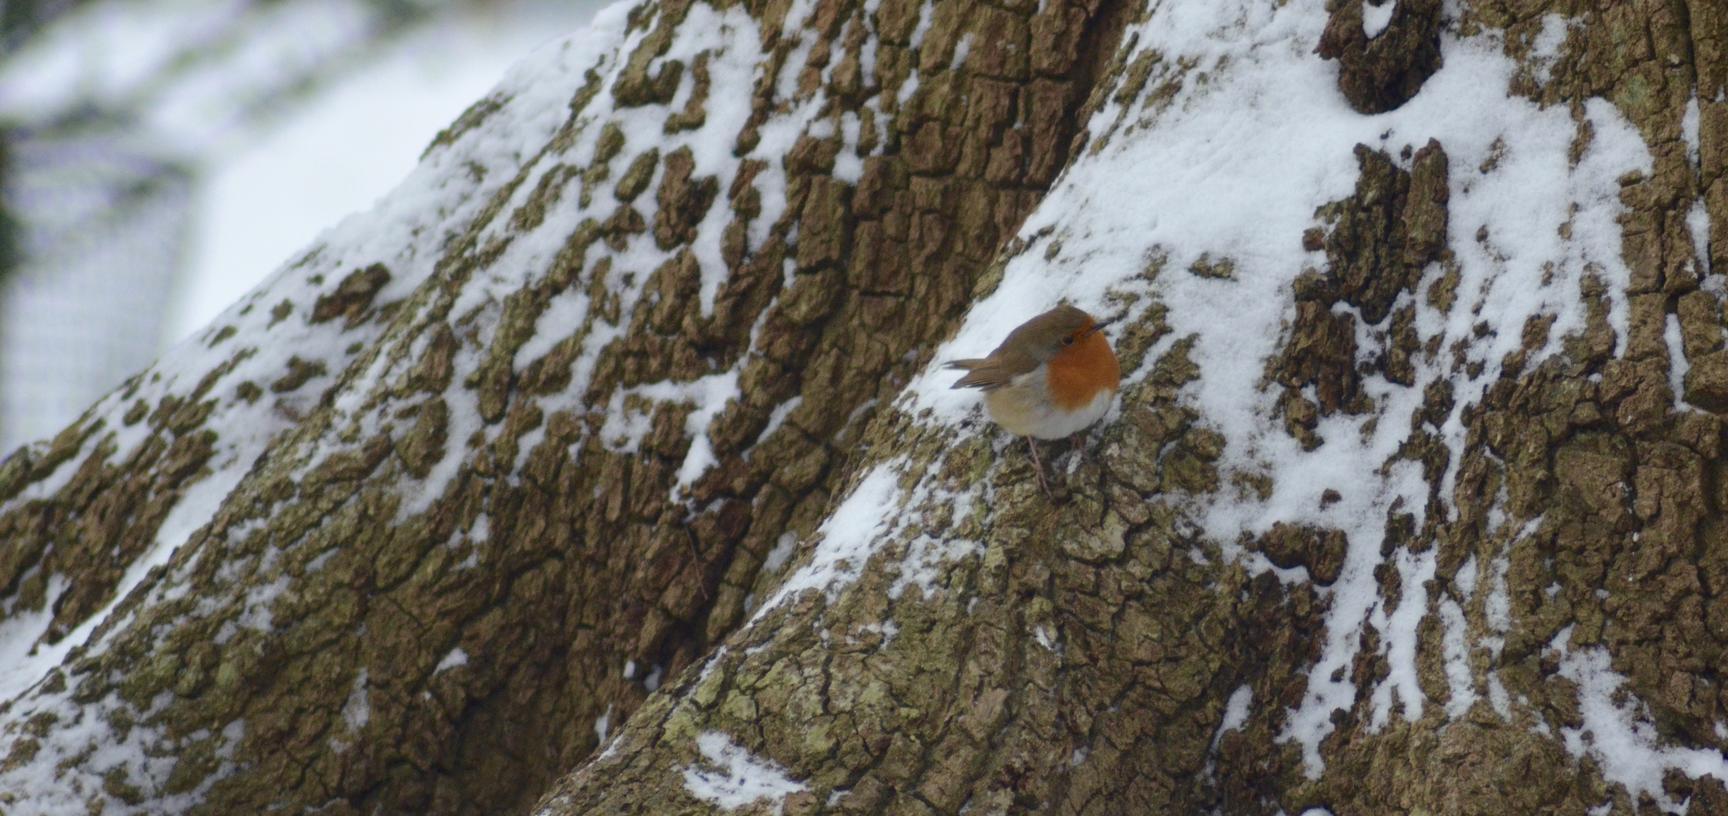 Robin Snow Arboretum